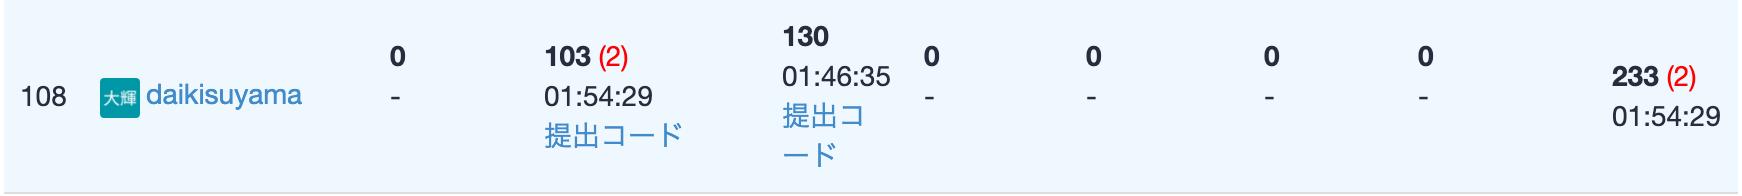 スクリーンショット 2020-08-01 0.08.04.png